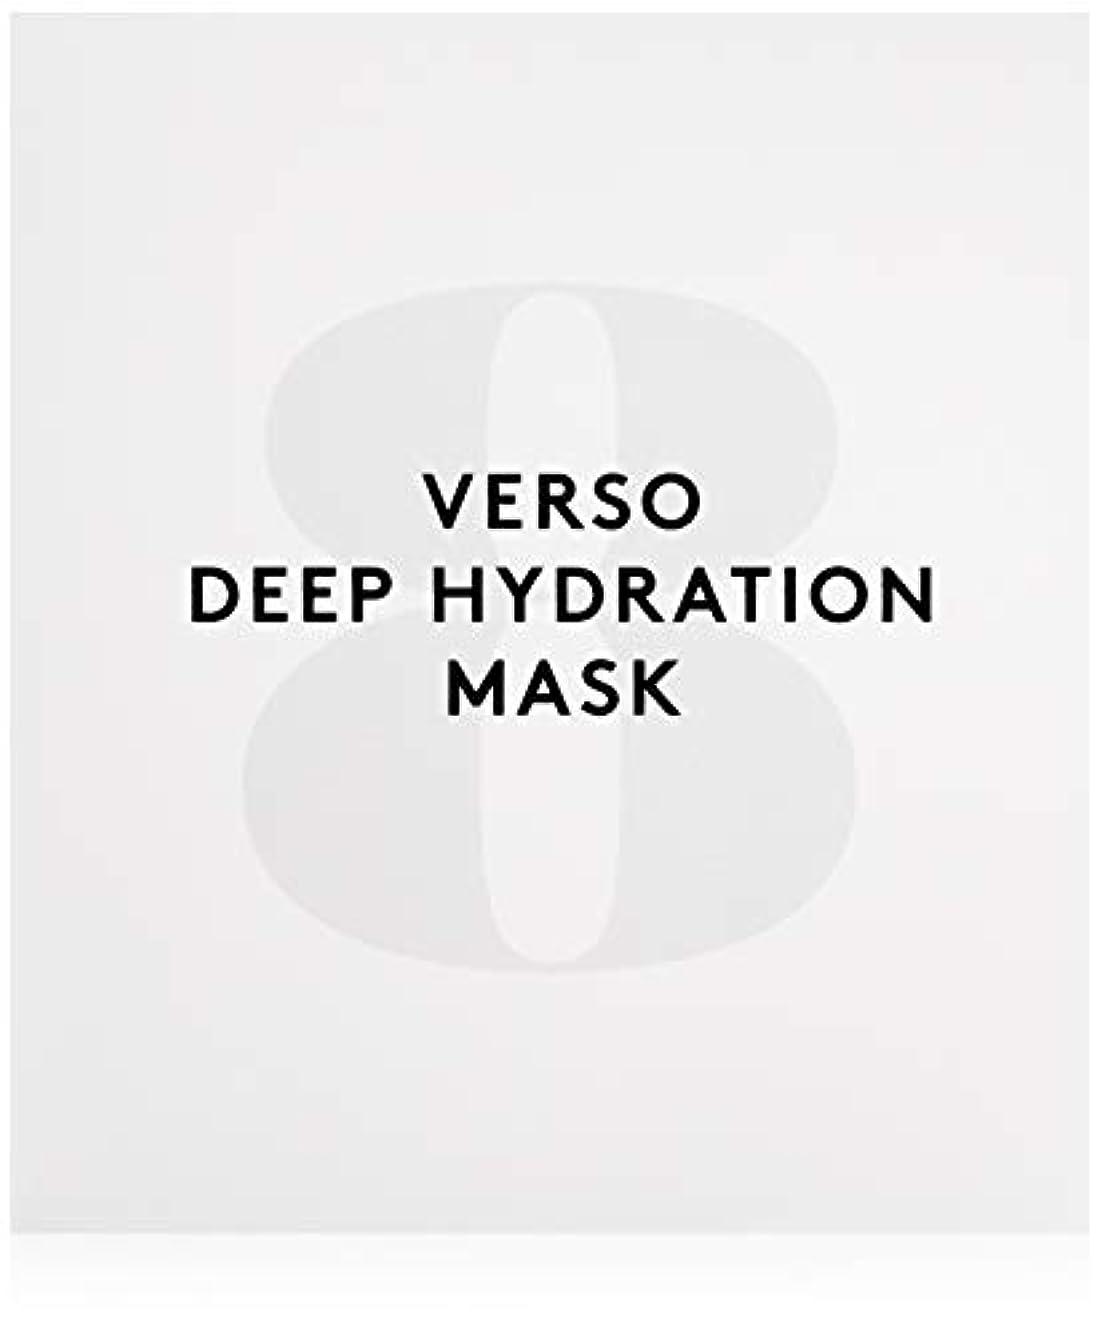 不忠楽観遺跡ヴェルソスキンケア ディープハイドレーションマスク 4x25g/0.88oz